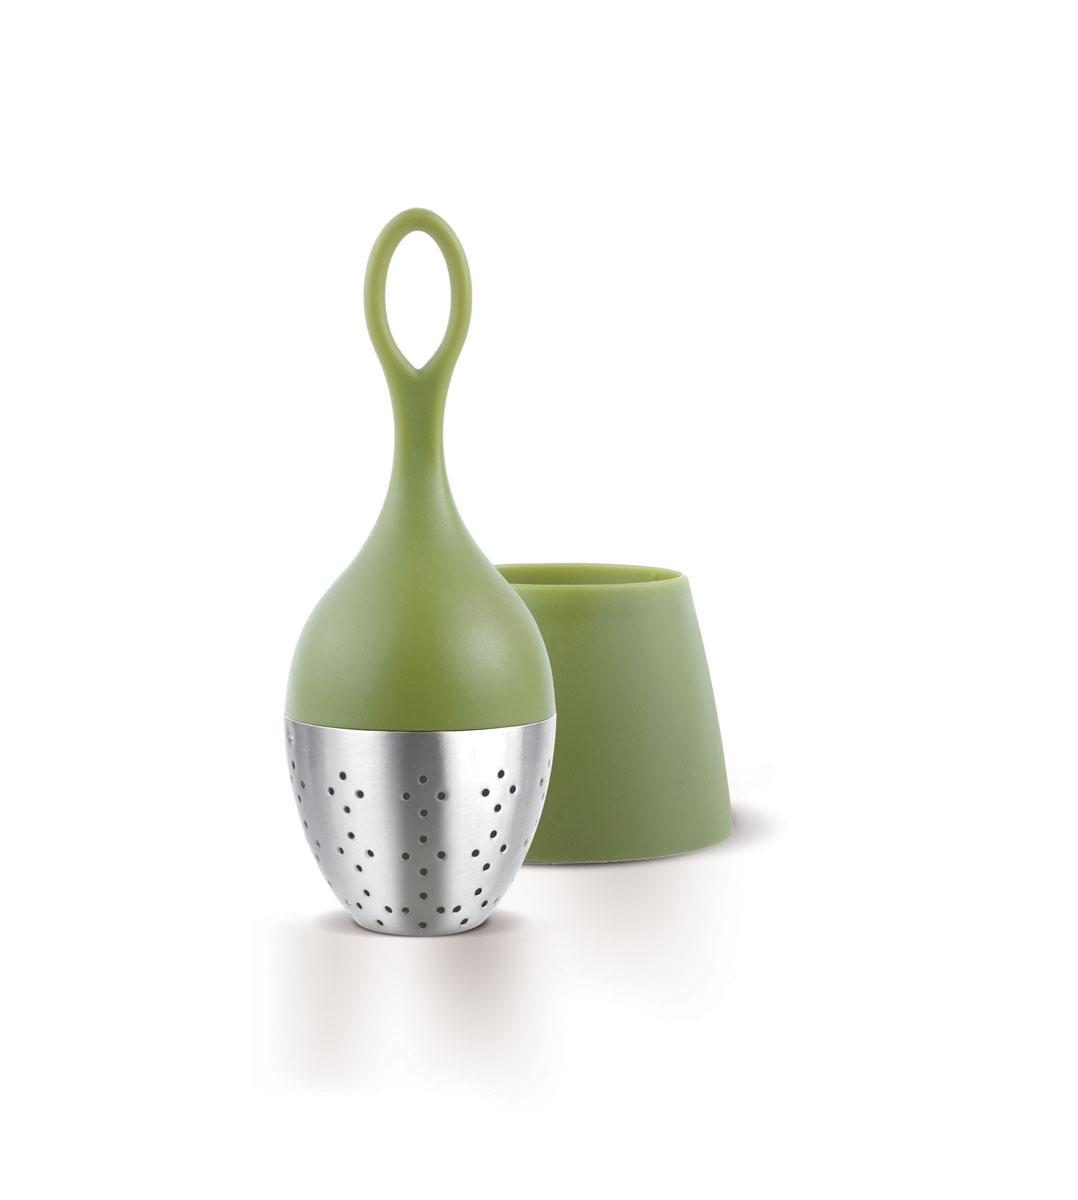 Ситечко для заваривания чая AdHoc, серия FLOATEA, зеленый, O 4 см010.050400.003Ситечко для заваривания чая. Благодаря отлично сбалансированной форме и весу плавает на поверхности и может быть легко удалено из чашки. После заваривания устанавливается в подставку, где собираются последние капли. Диаметр 4 см. Цвет: зеленый